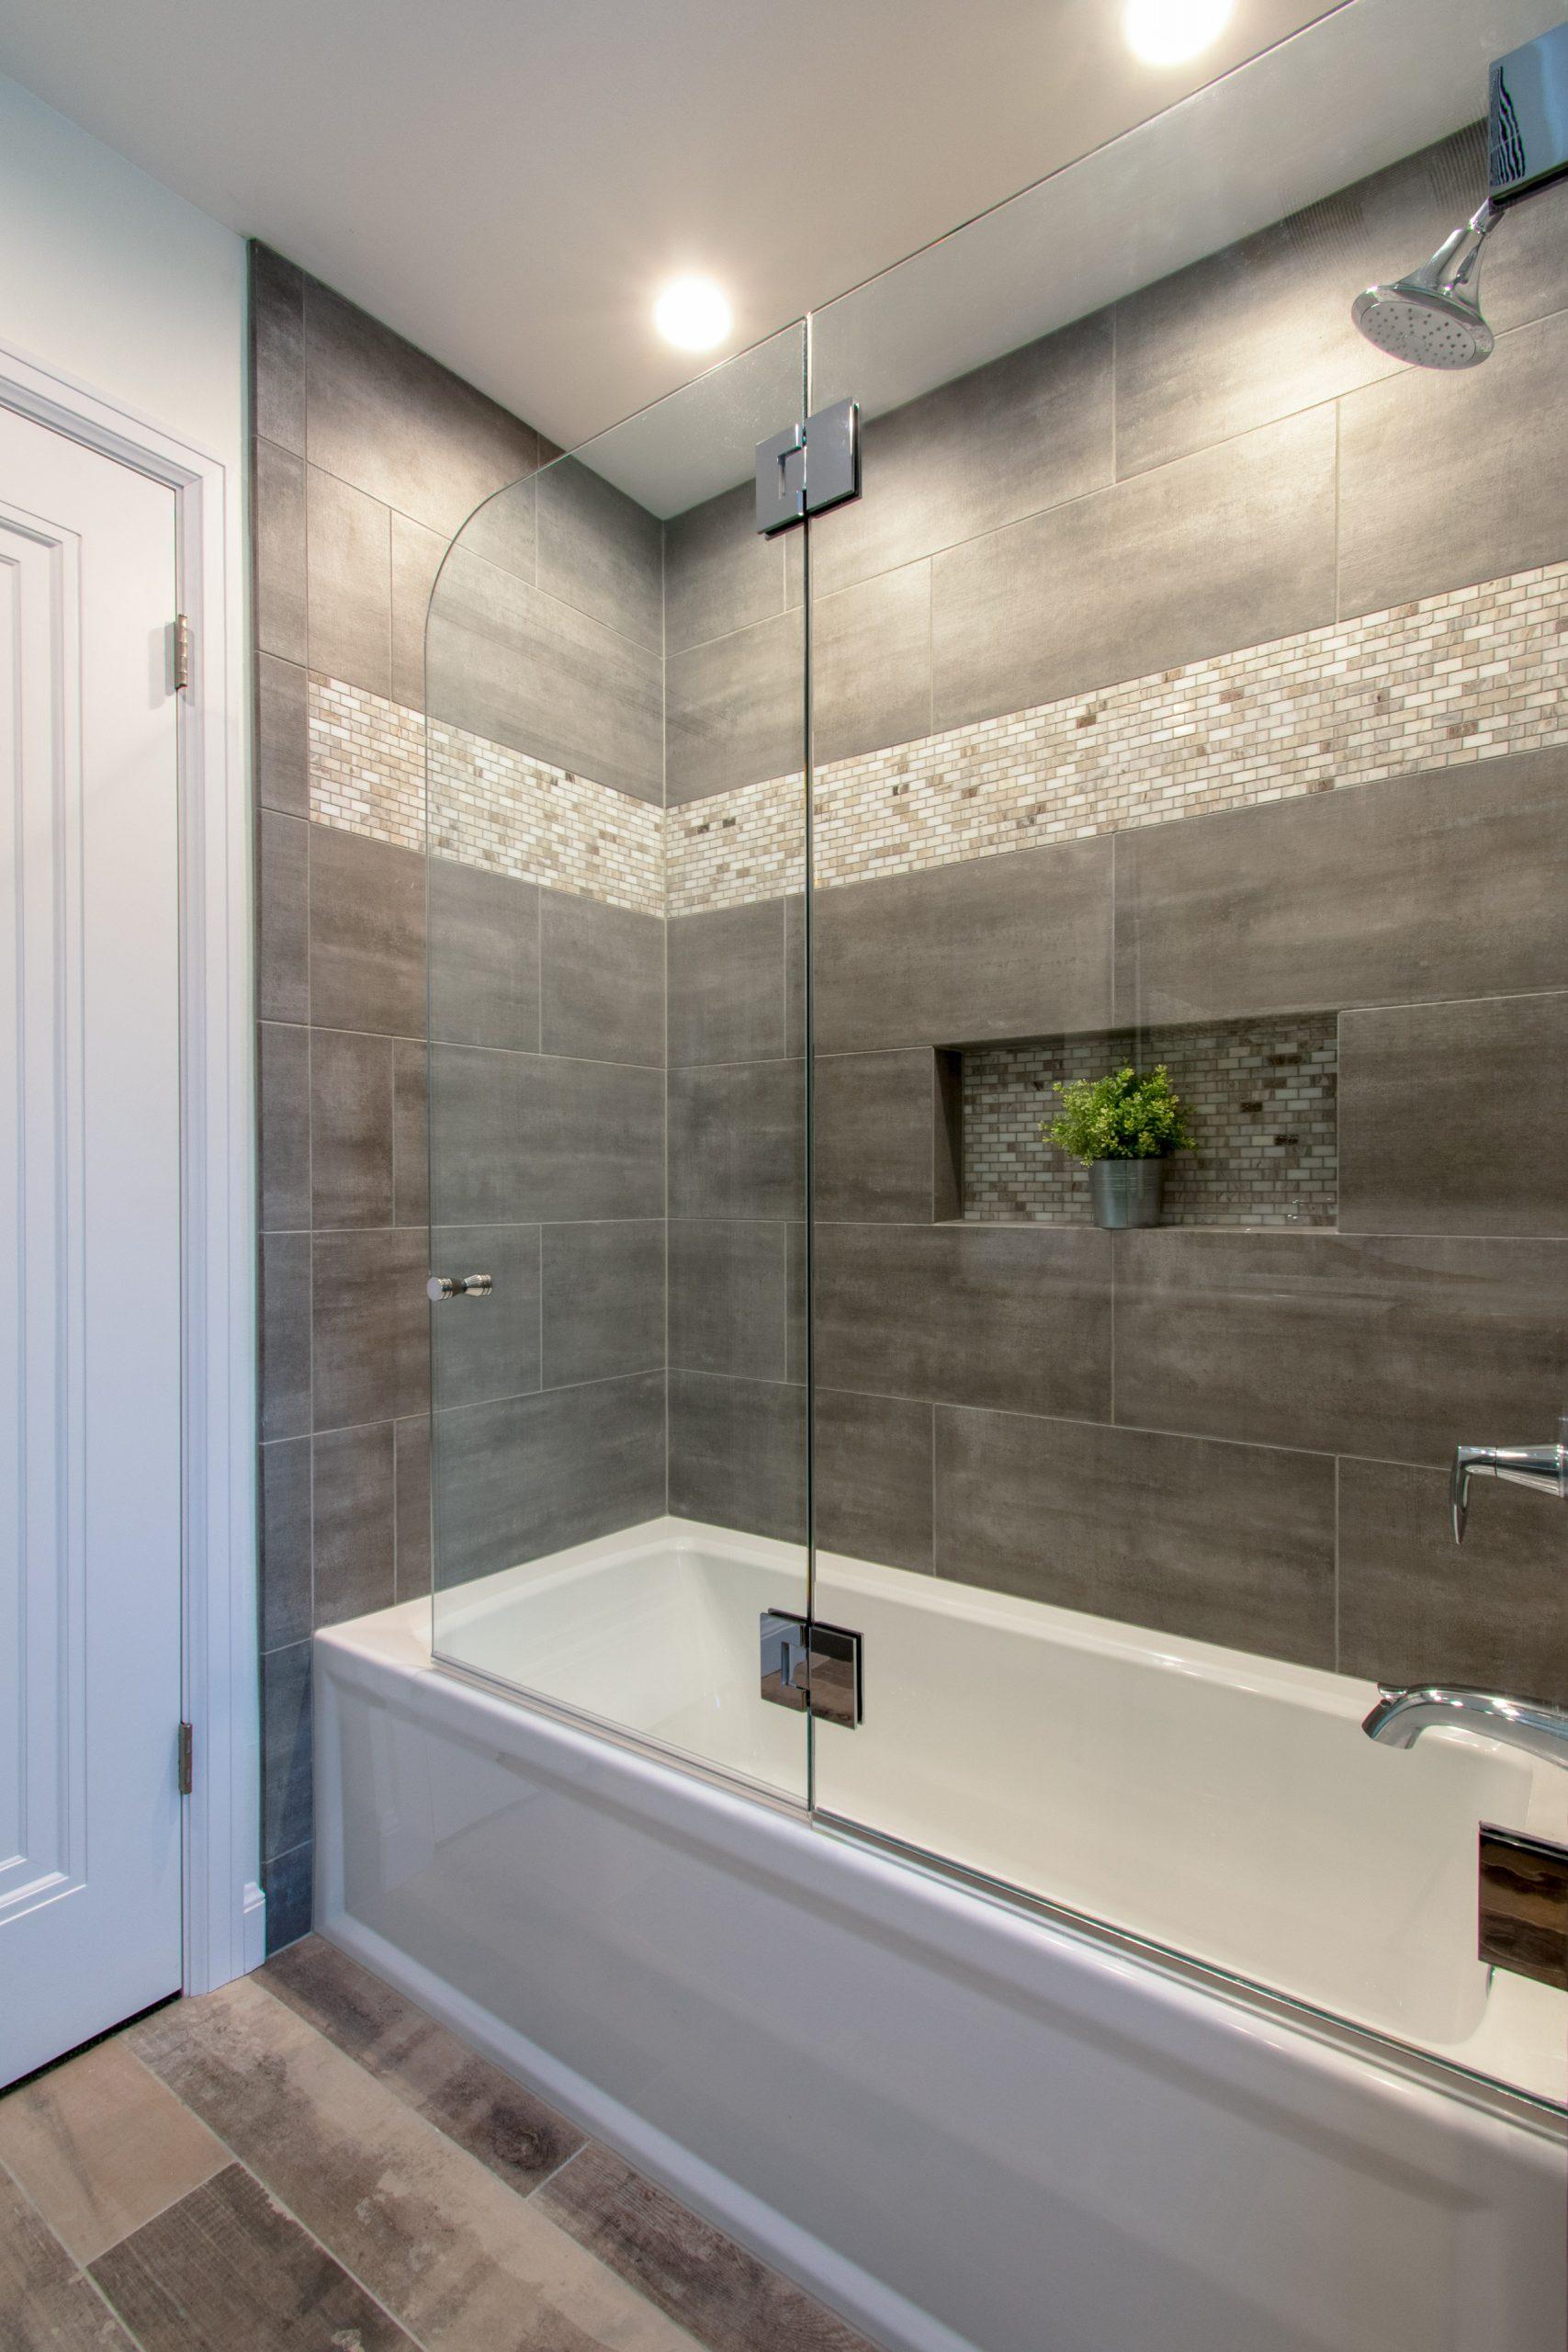 Wauwatosa-hall-bath-remodel-515